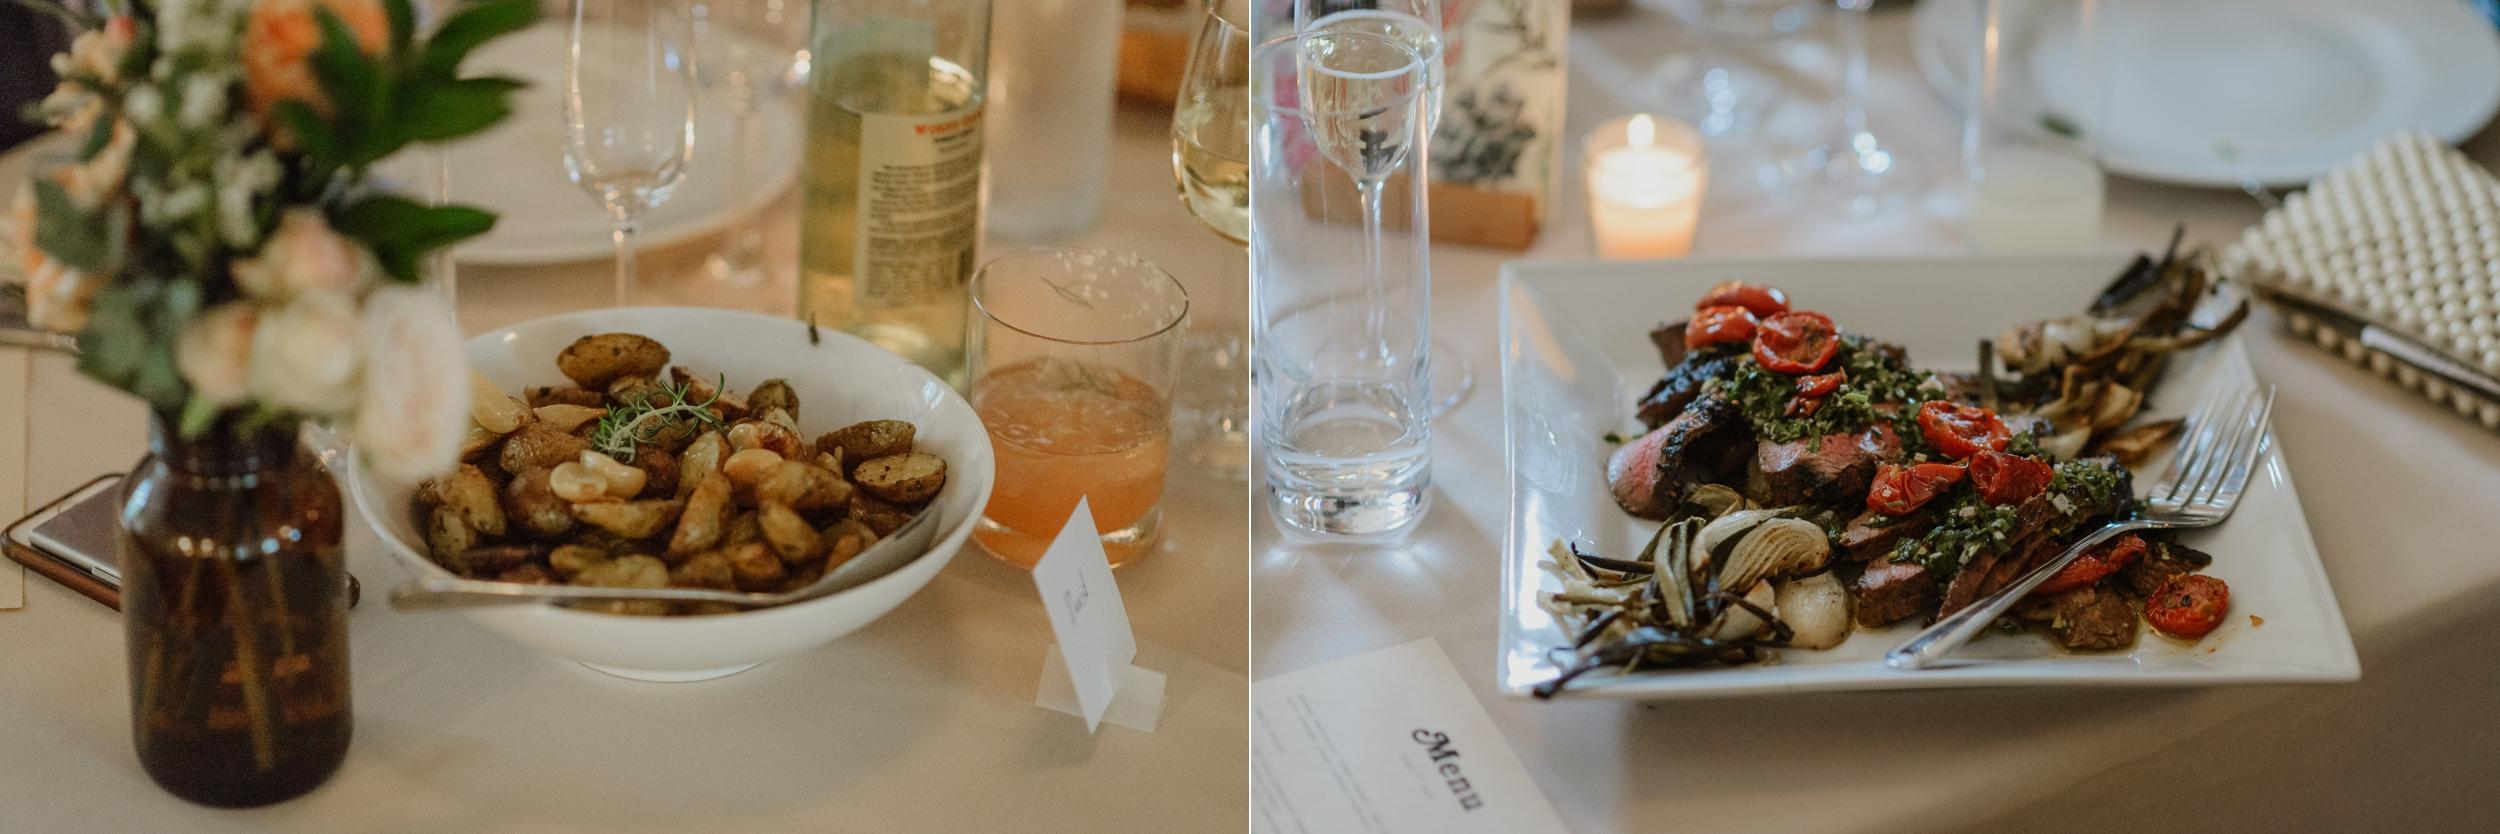 091-san-francisco-headlands-center-for-the-arts-wedding-vivianchen-056_WEB.jpg